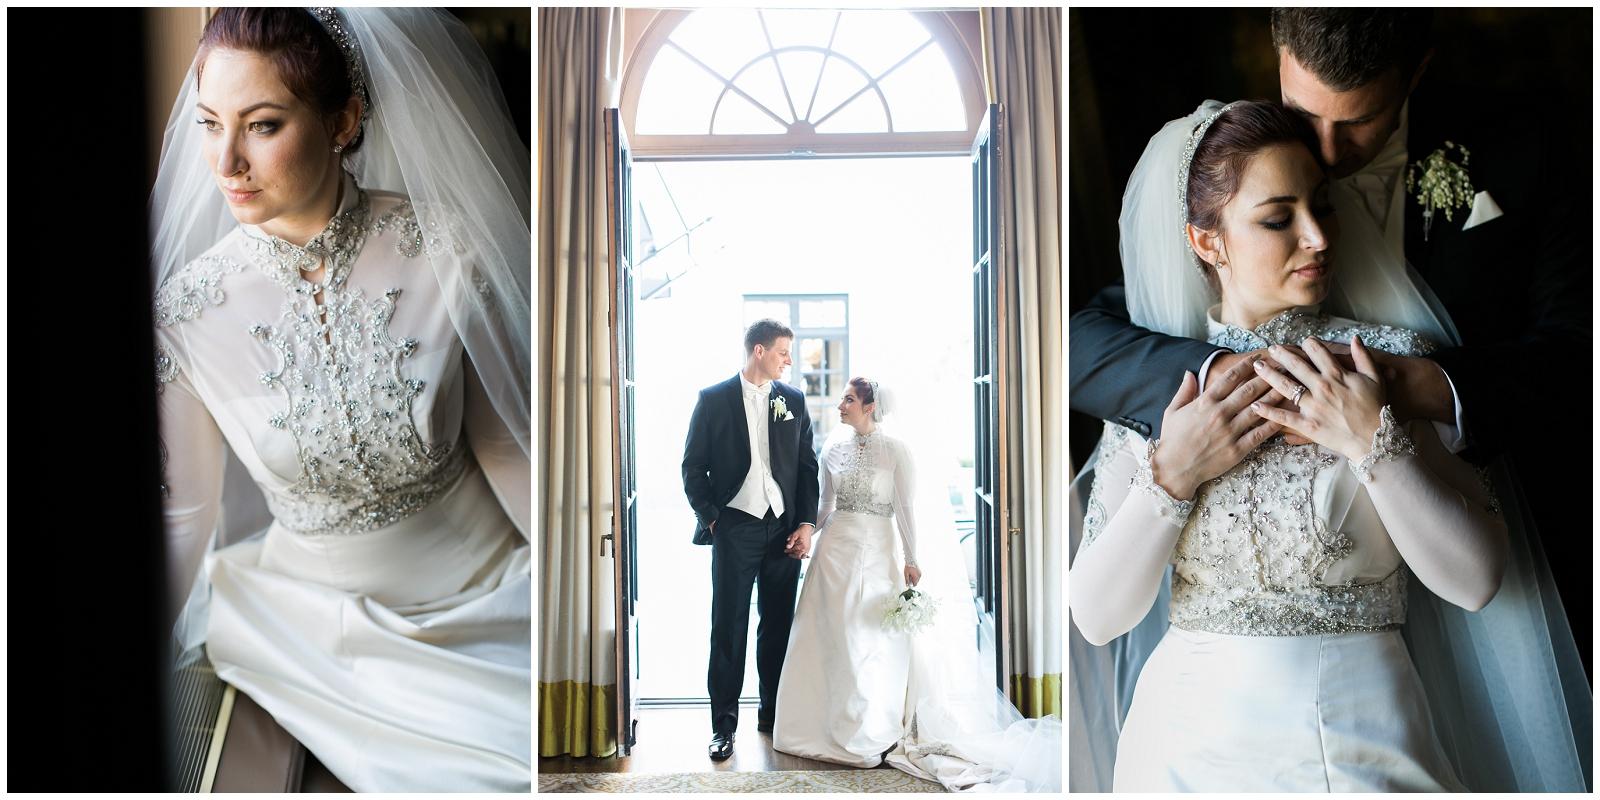 San-Francisco-Bay-Area-Wedding-Photography-Fairmont-9.jpg